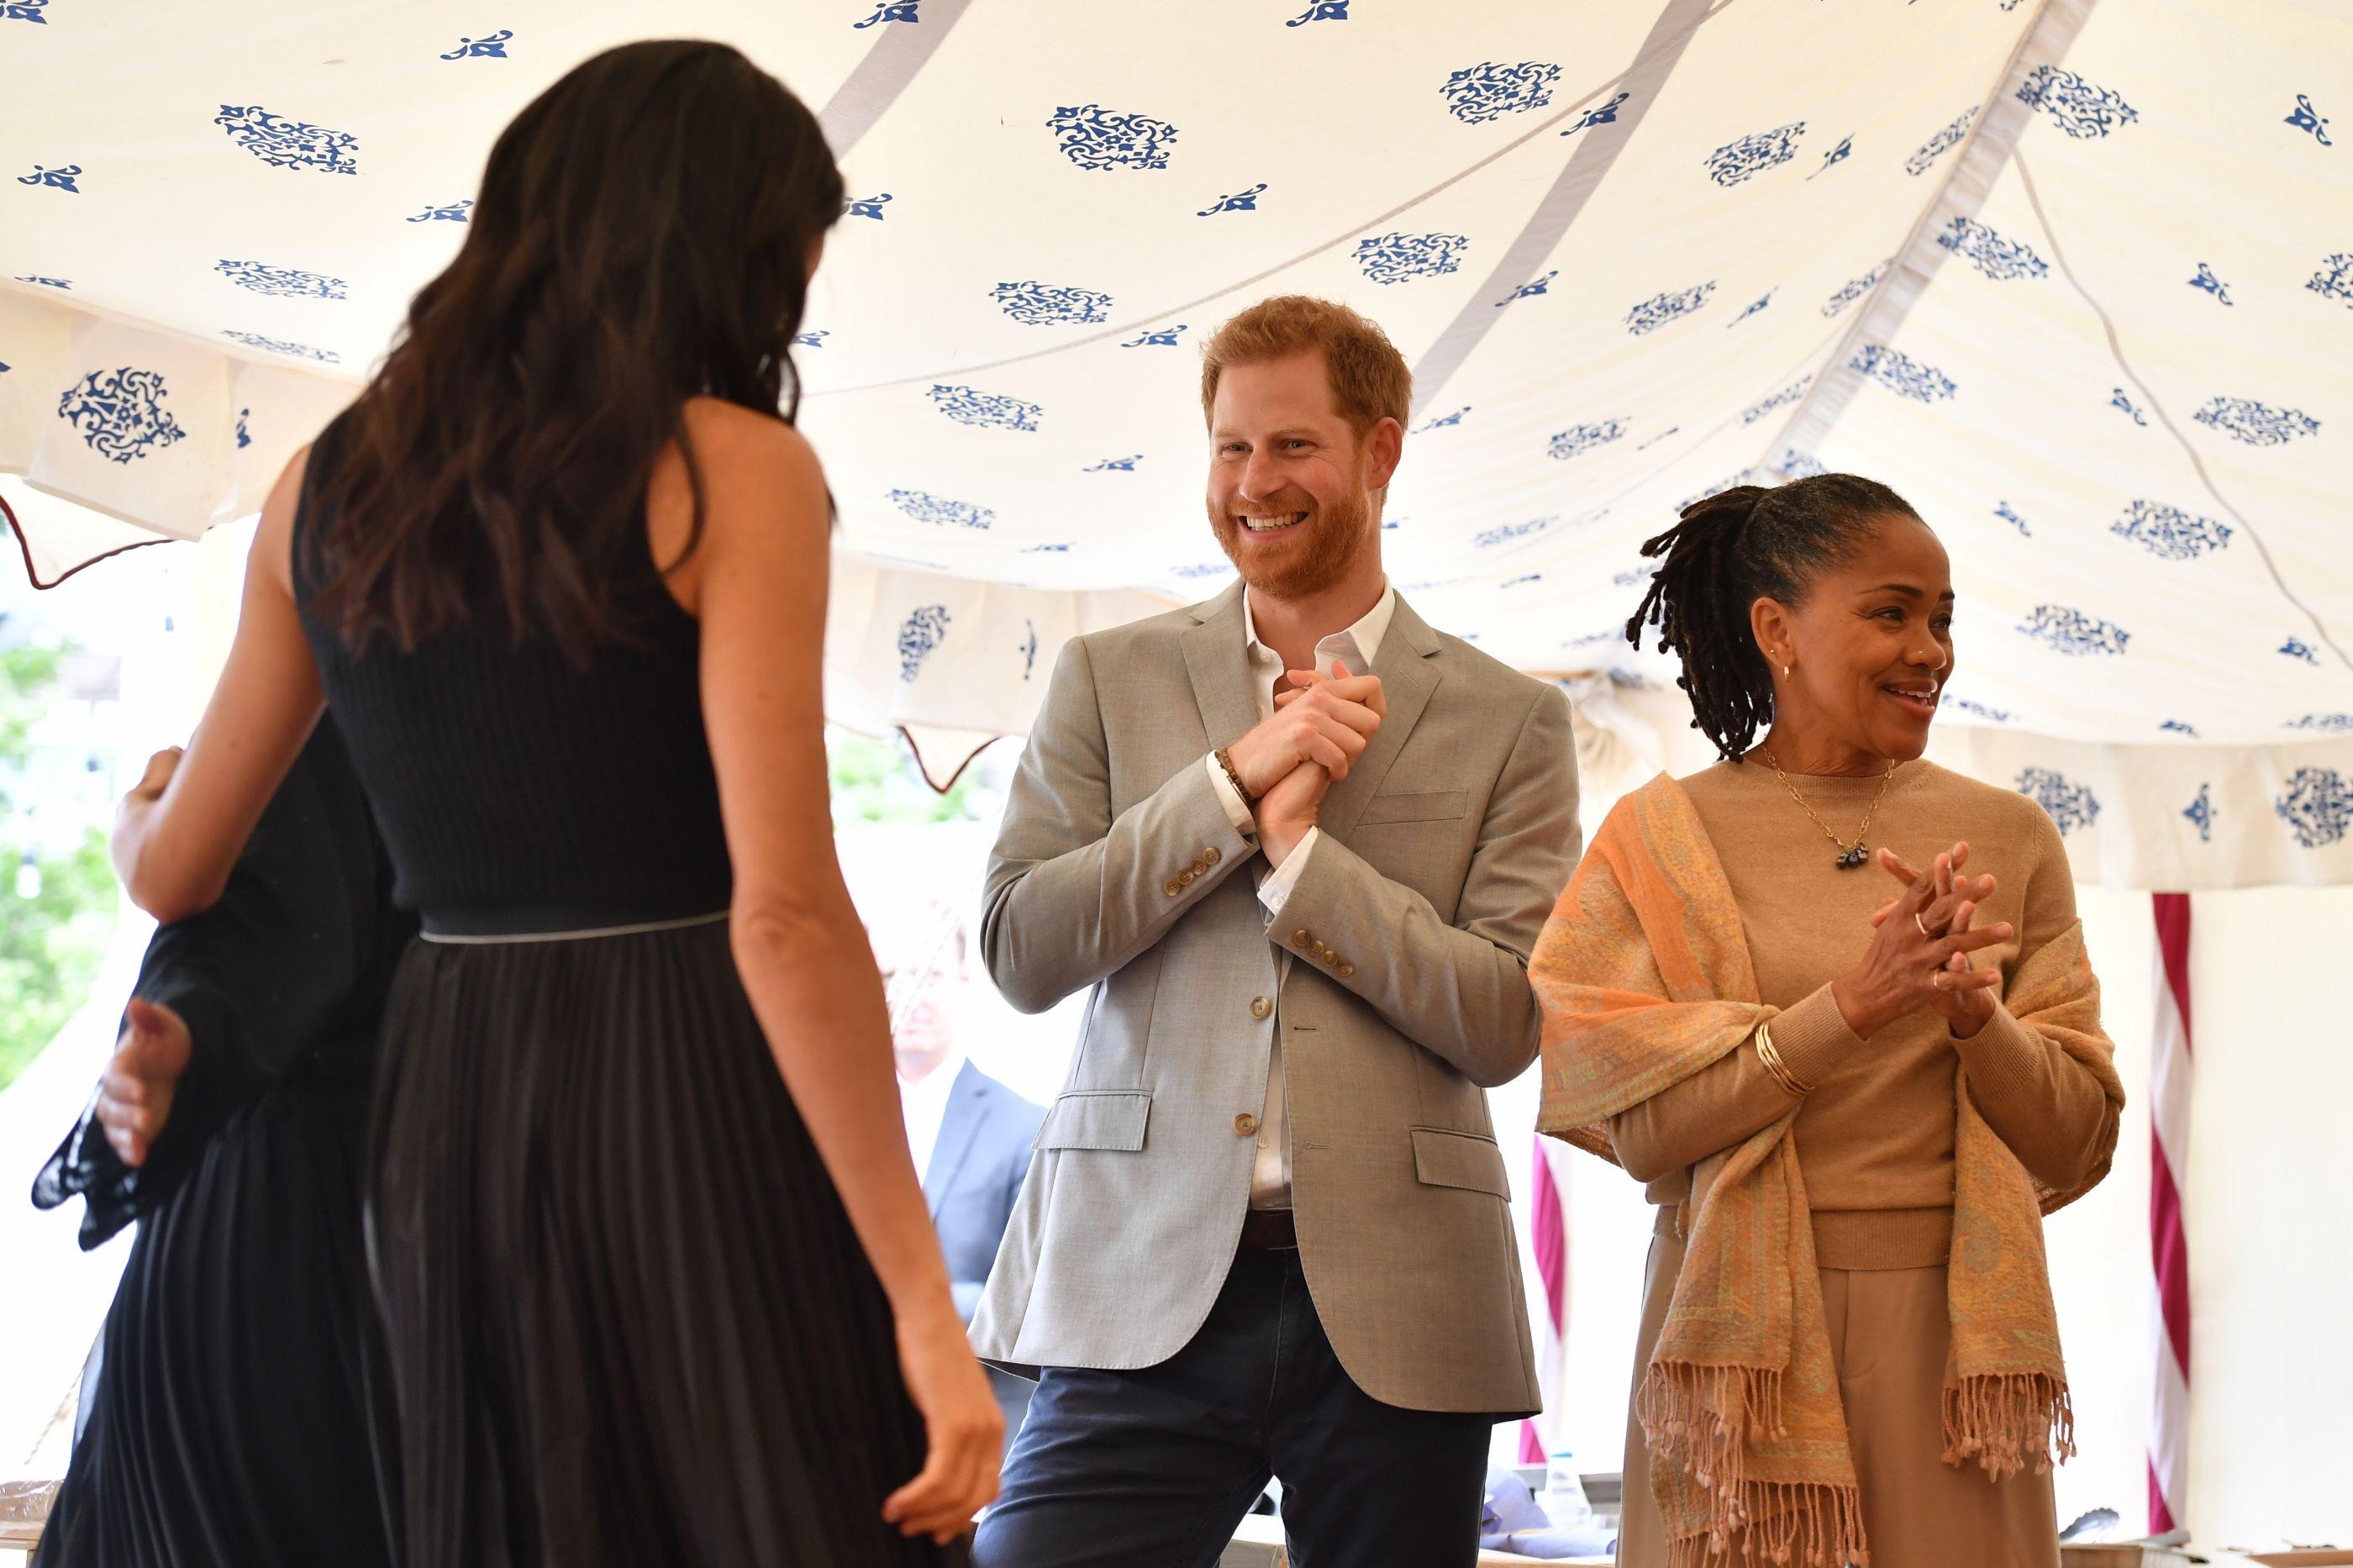 O momento constrangedor do príncipe Harry durante um evento oficial